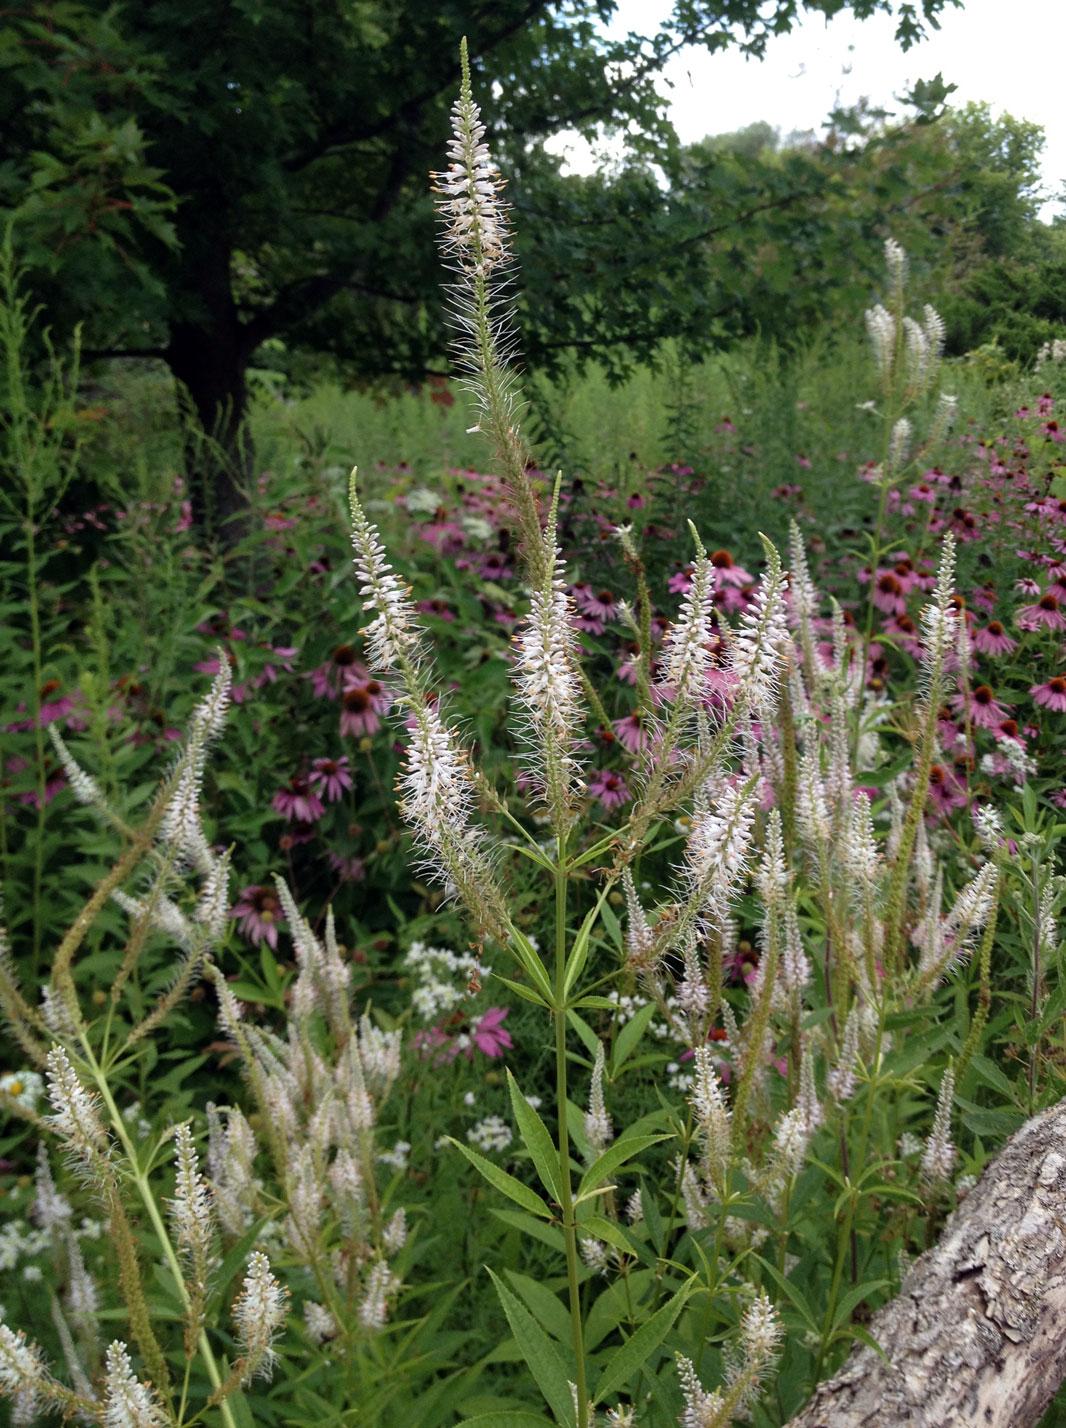 Veronicastrum virginicum (Culver's Root) – Local Native